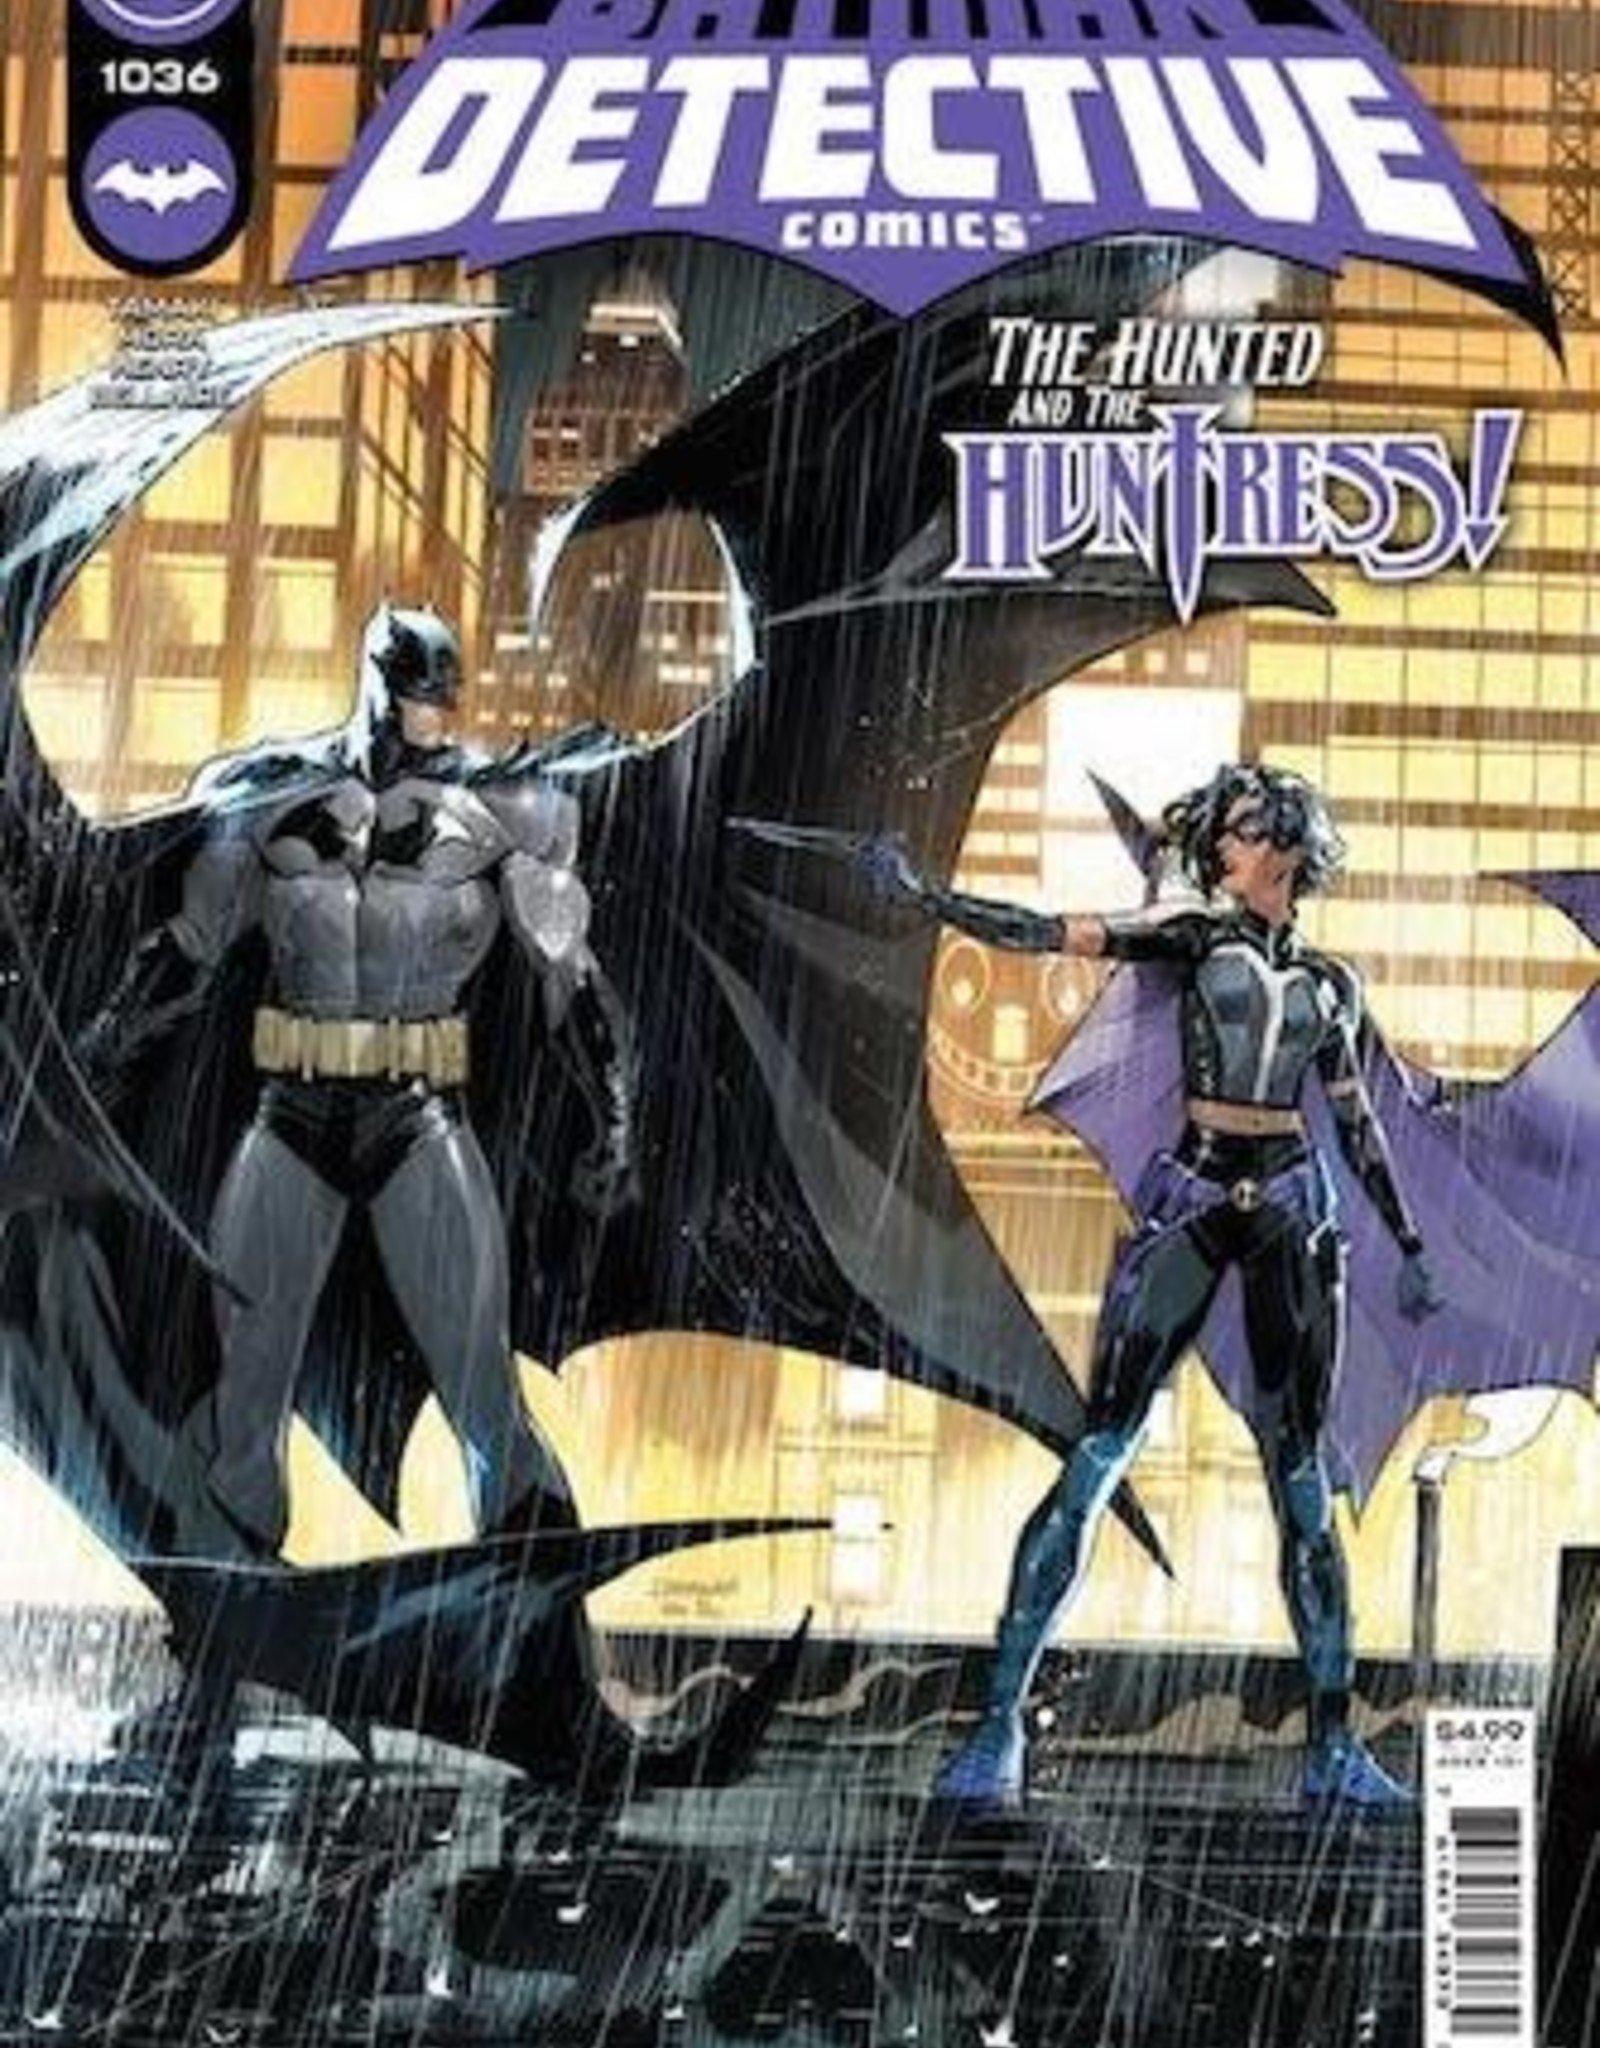 DC Comics Detective Comics #1036 Cvr A Dan Mora